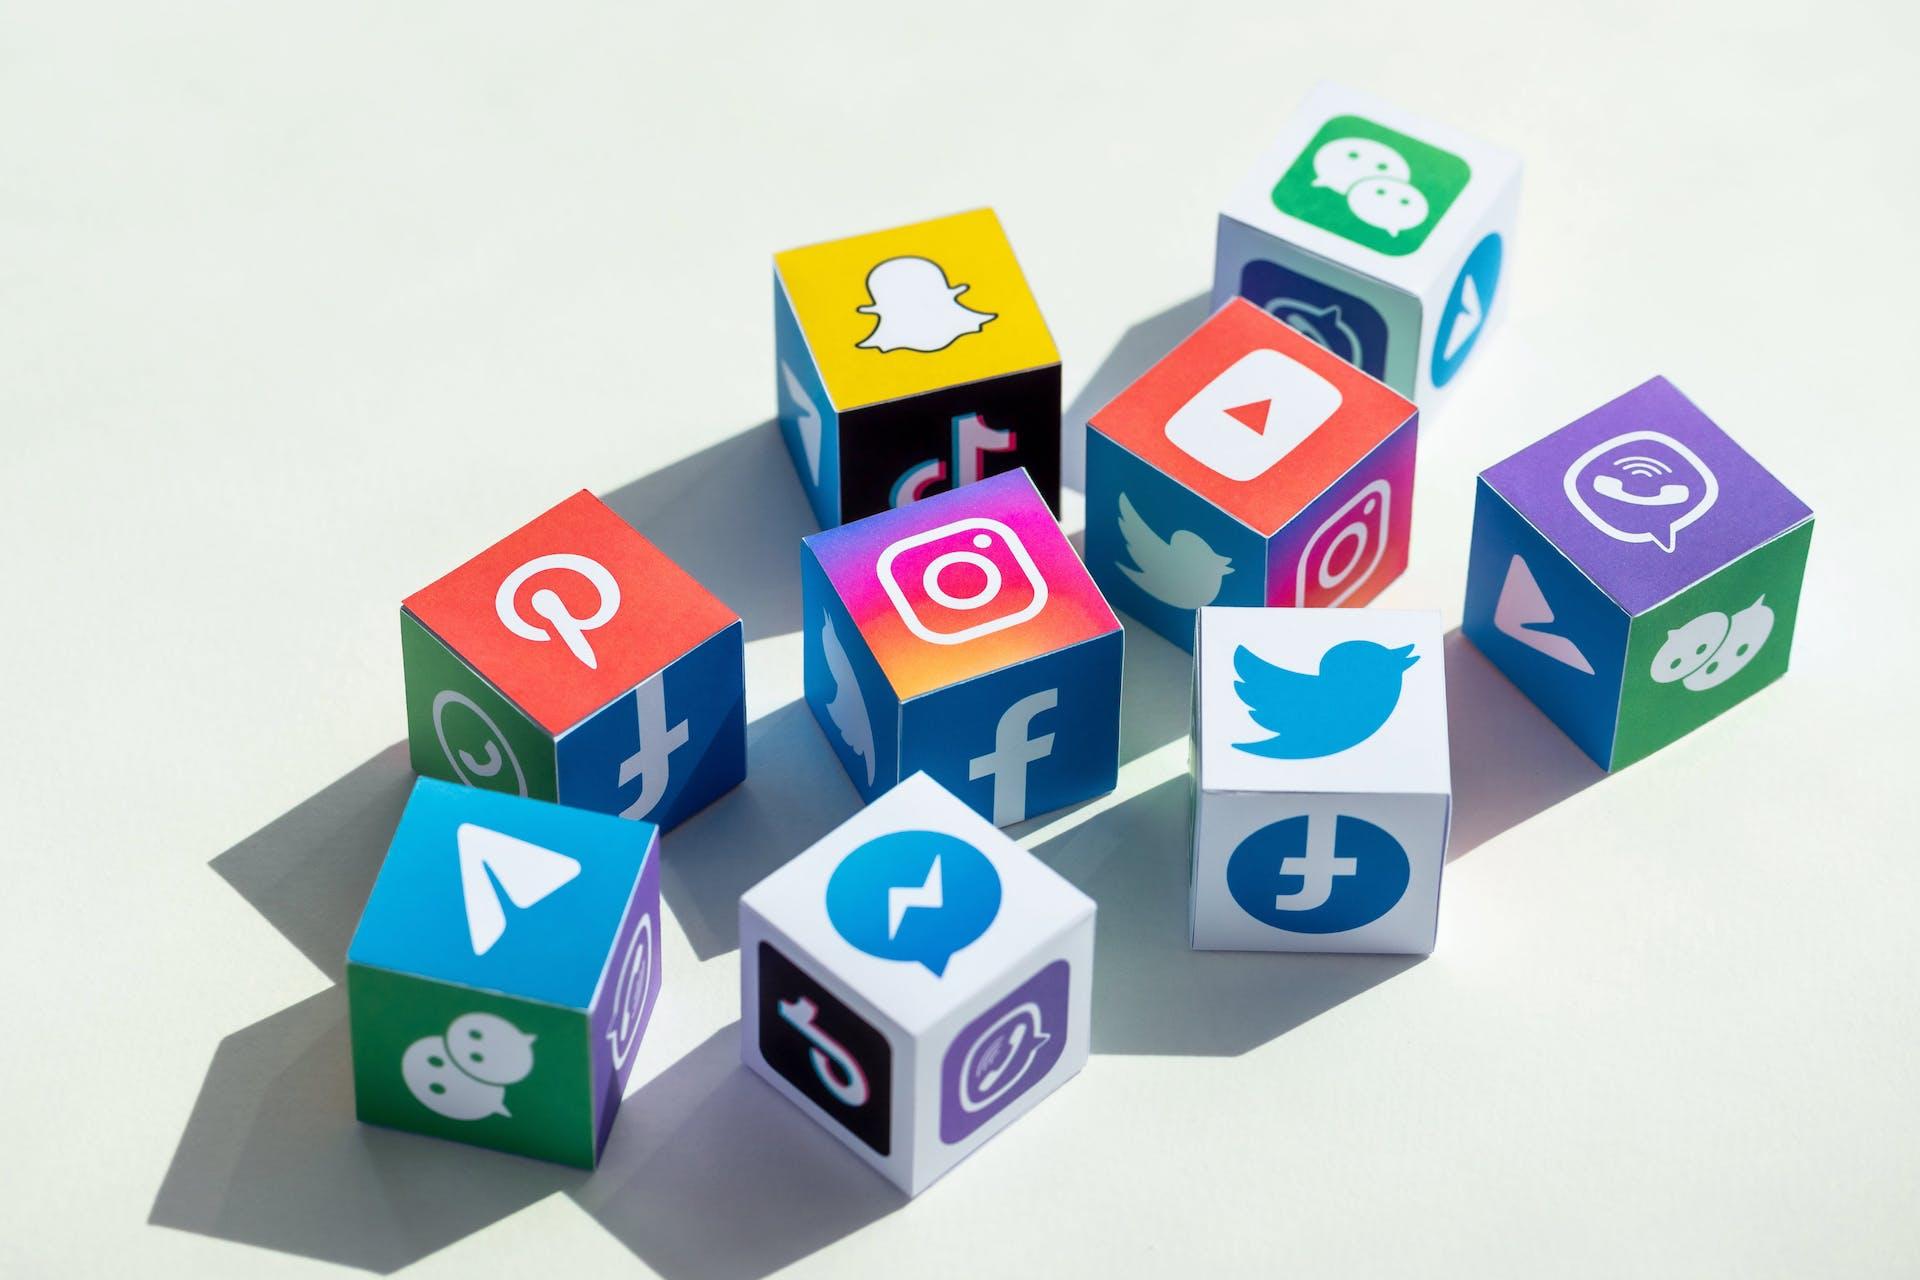 Cube avec des logos des médias sociaux comme Twitter, Facebook, Messenger, Instagram, etc.